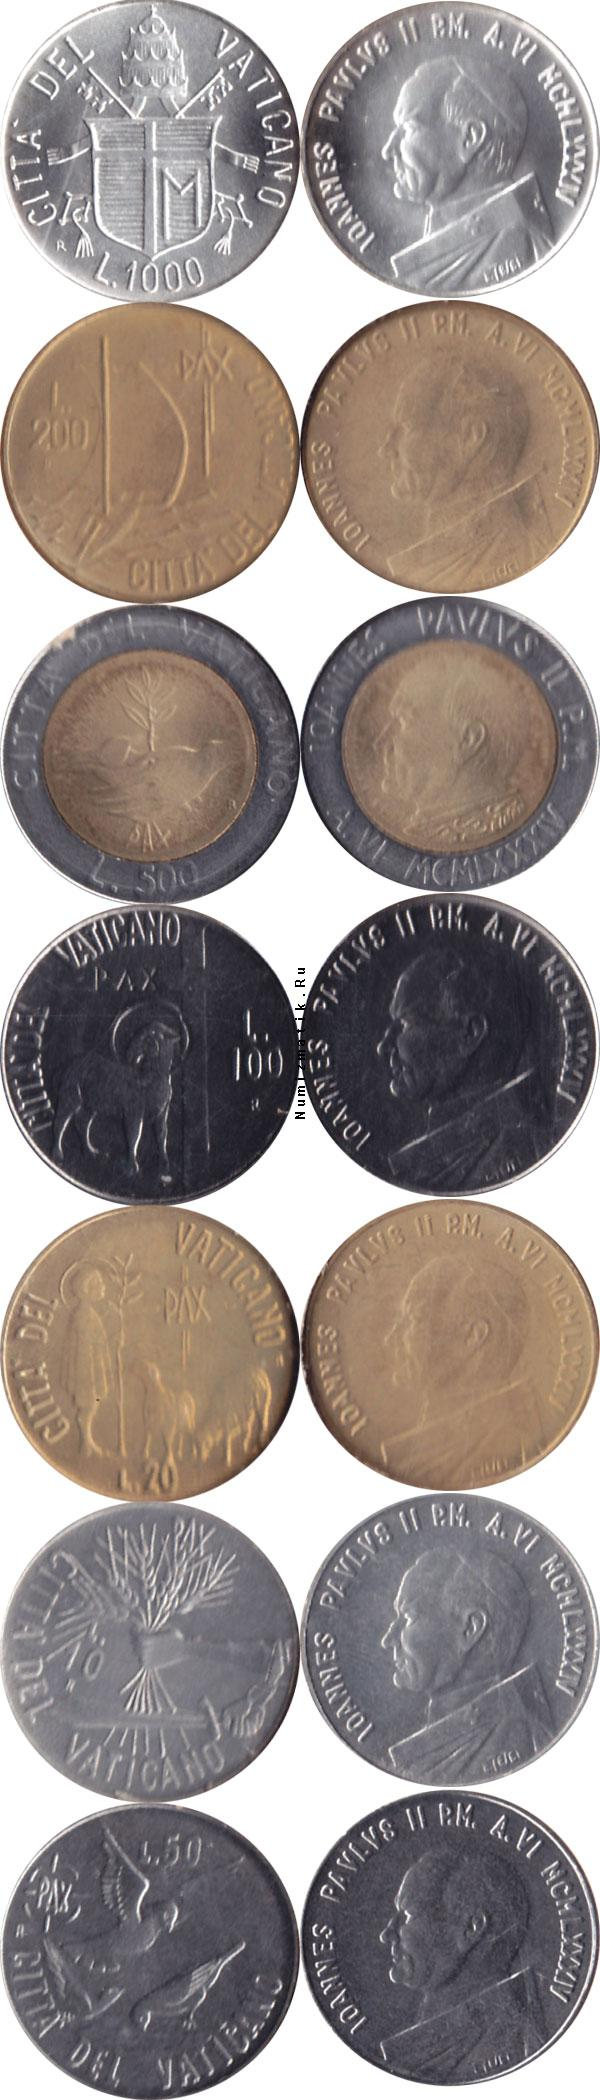 Каталог монет - Ватикан Anno VI 1984